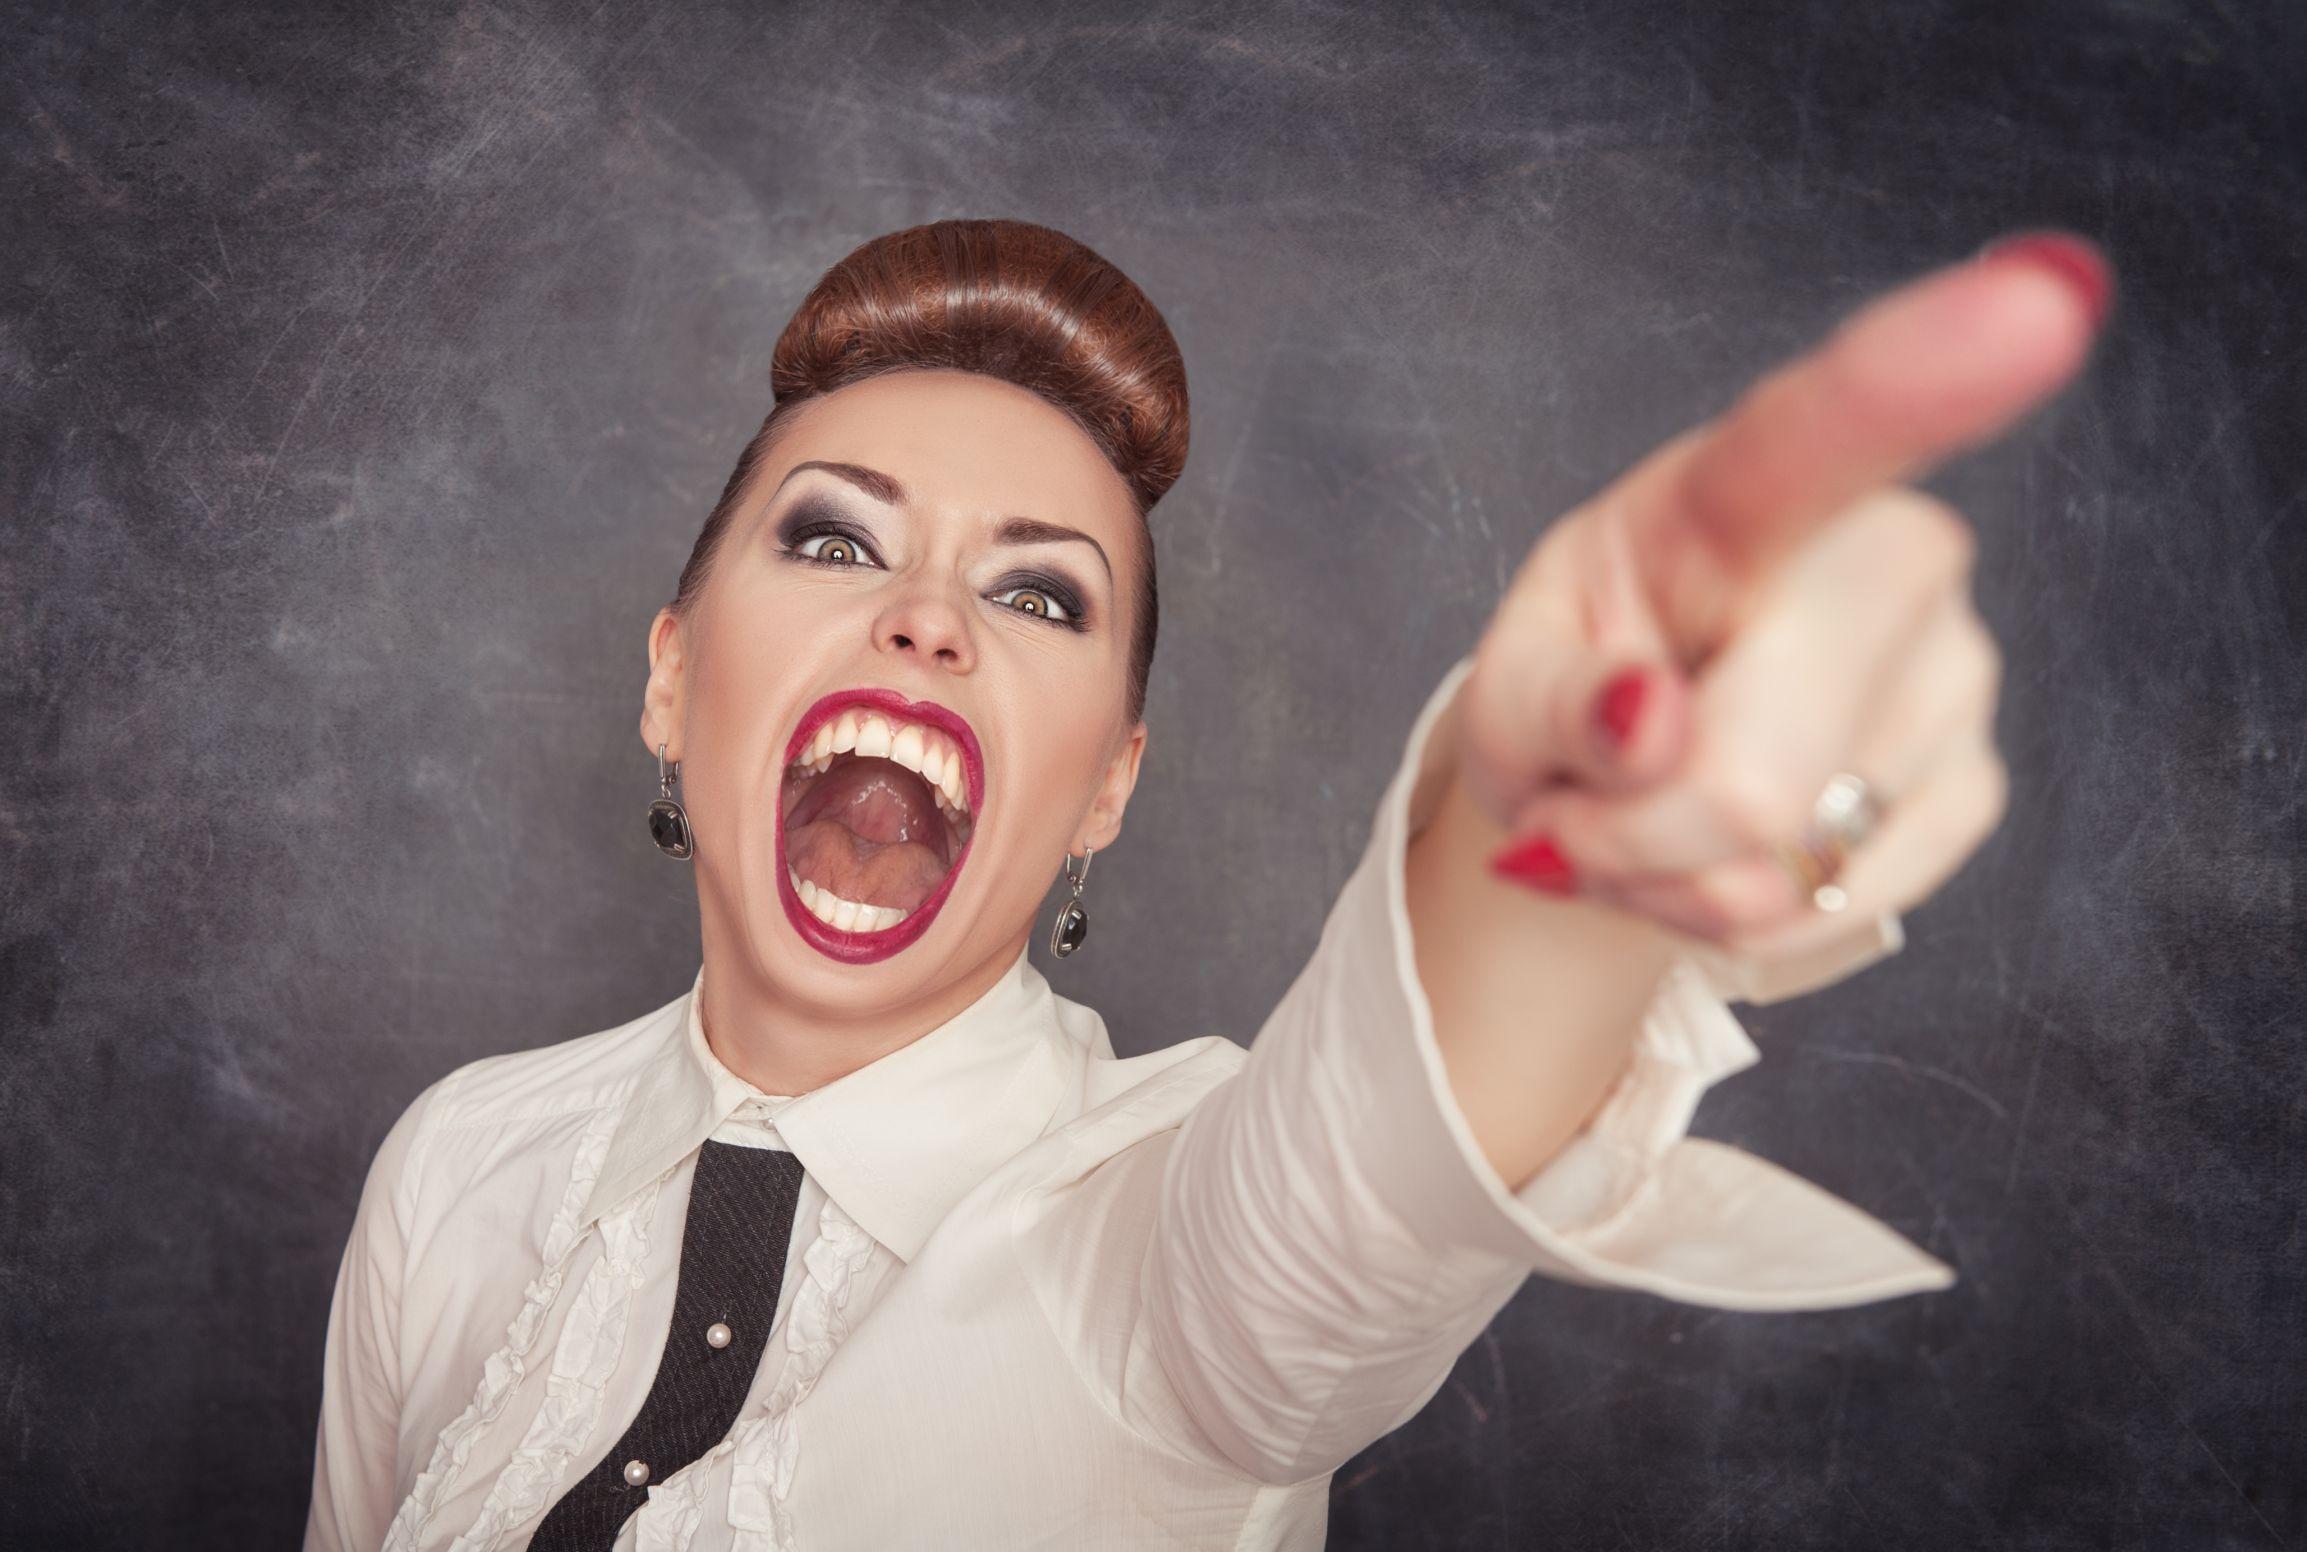 Girl Pointing Finger Meme Wwwtopsimagescom